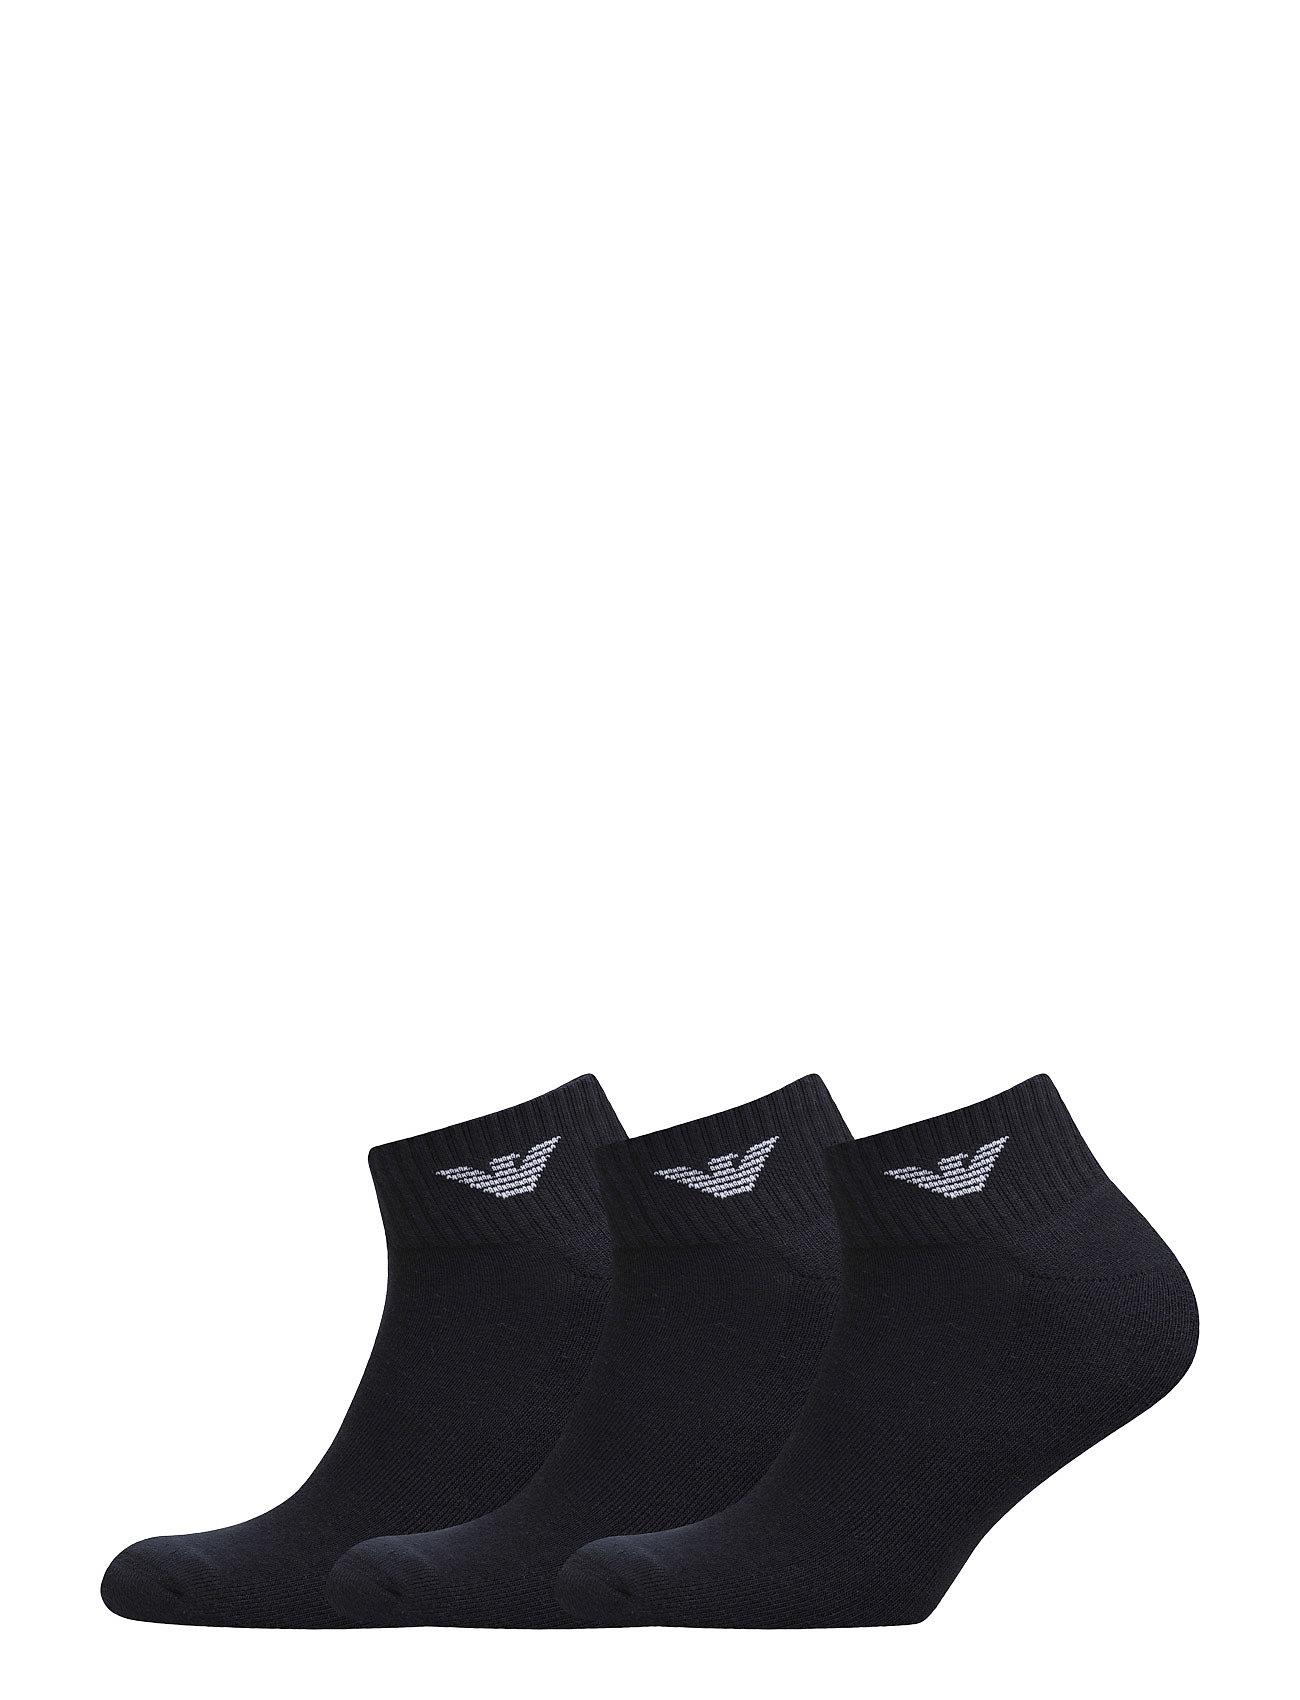 emporio armani – Men's knit short soc fra boozt.com dk